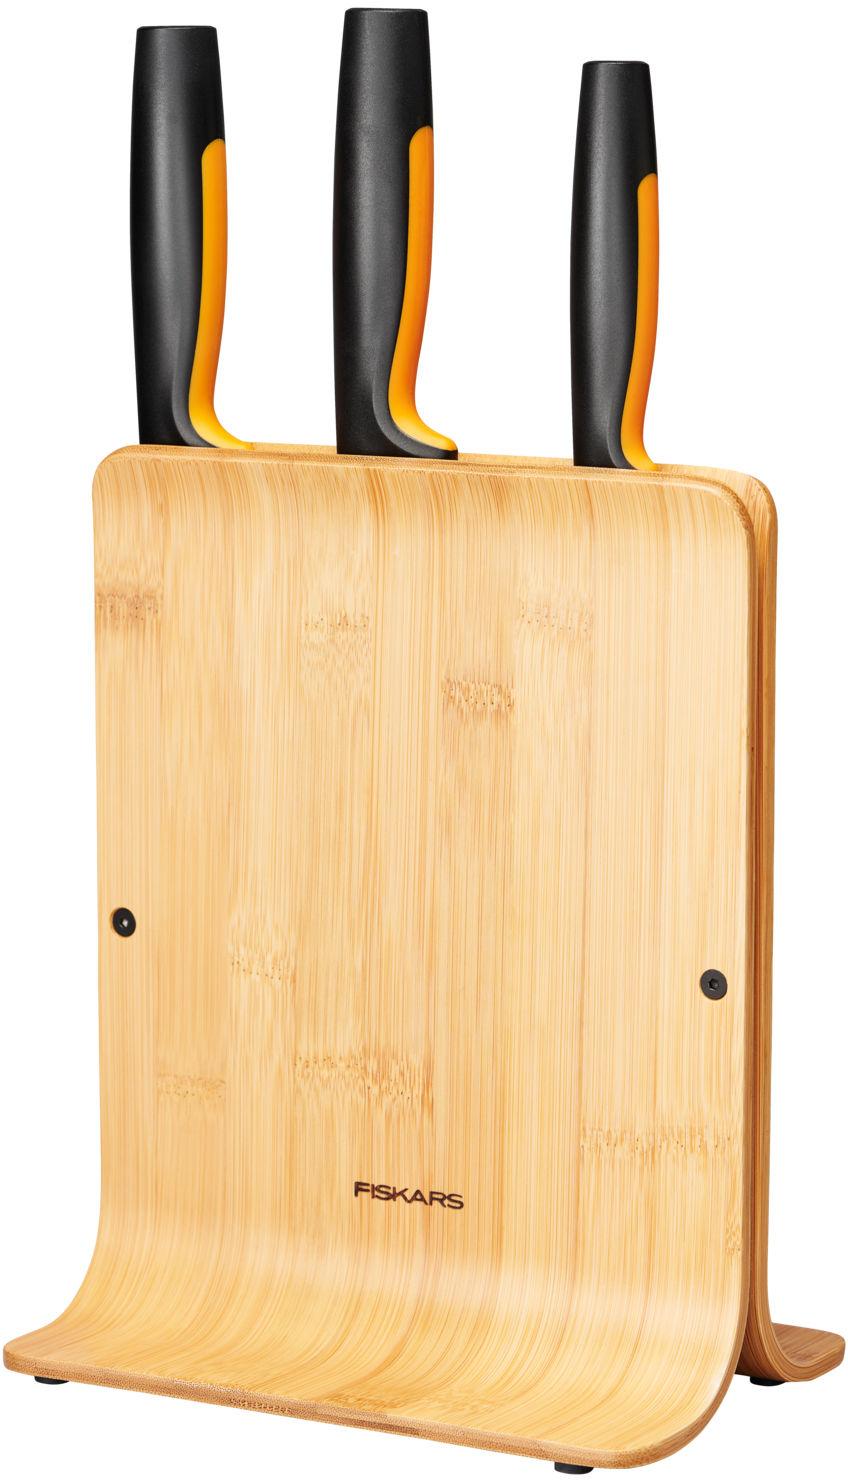 FISKARS Functional Form Zestaw 3 noży w bambusowym bloku FISKARS 1057553